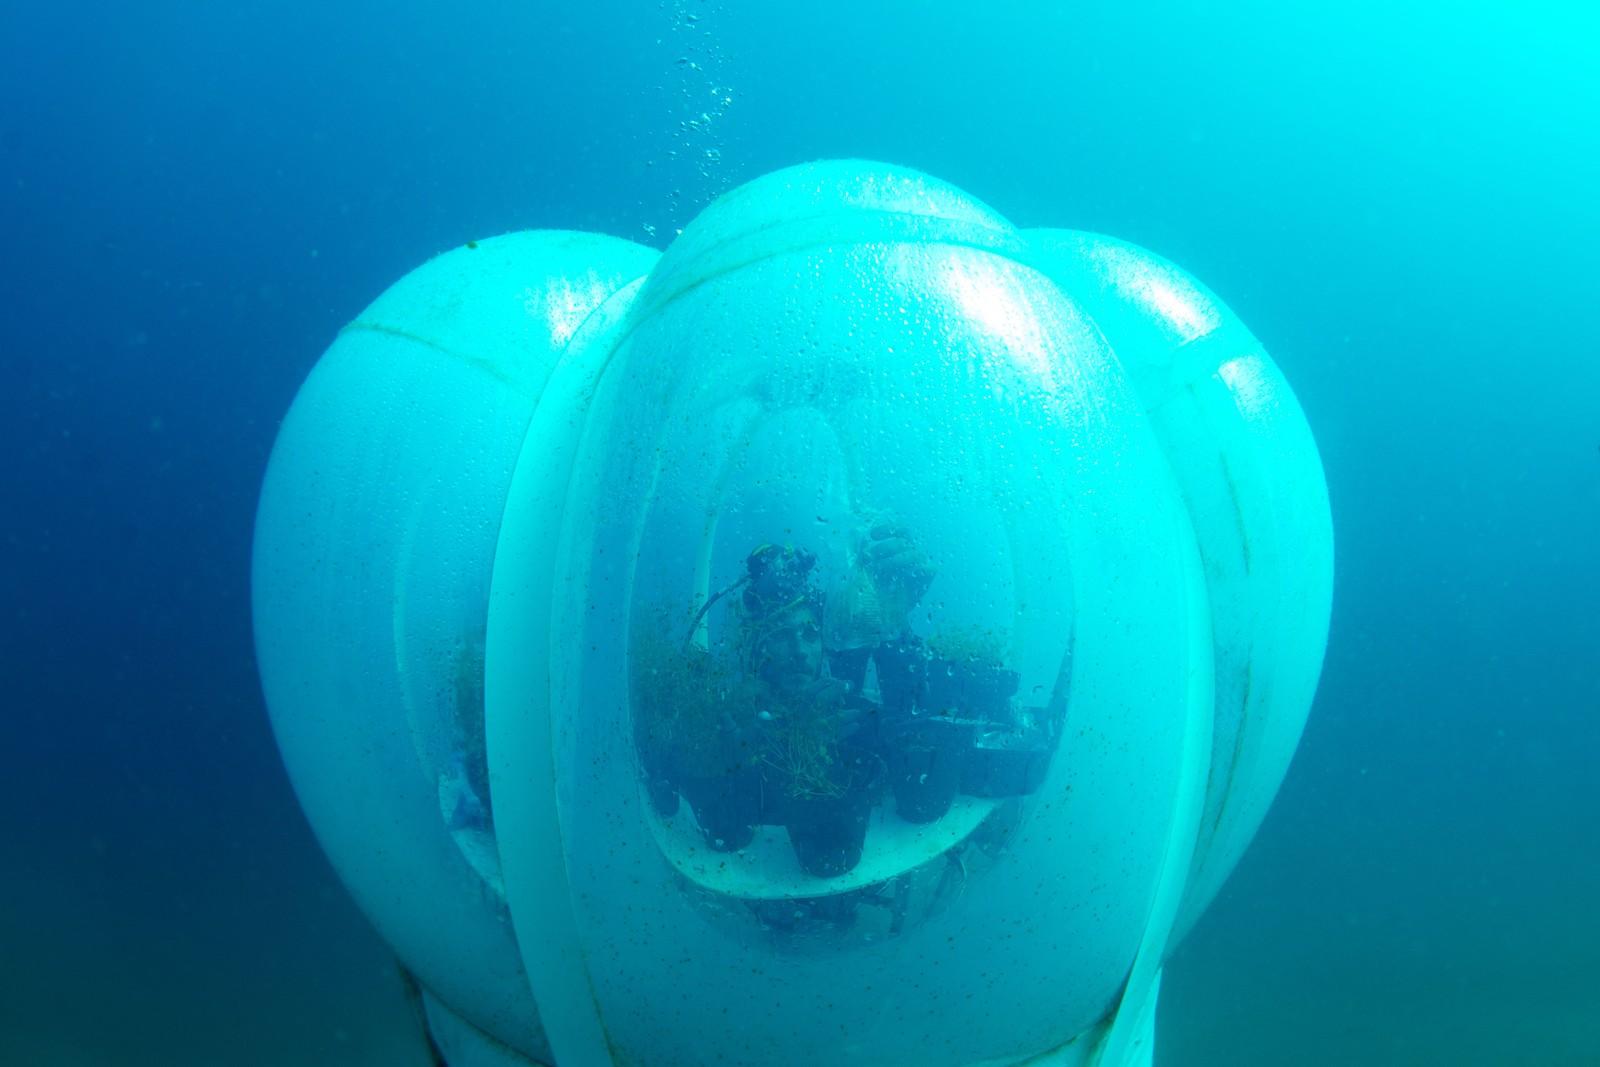 Undervannsprosjektet Nemos Hage i Italia består av diverse planter og hvordan de klarer seg åtte meter under havoverflaten.